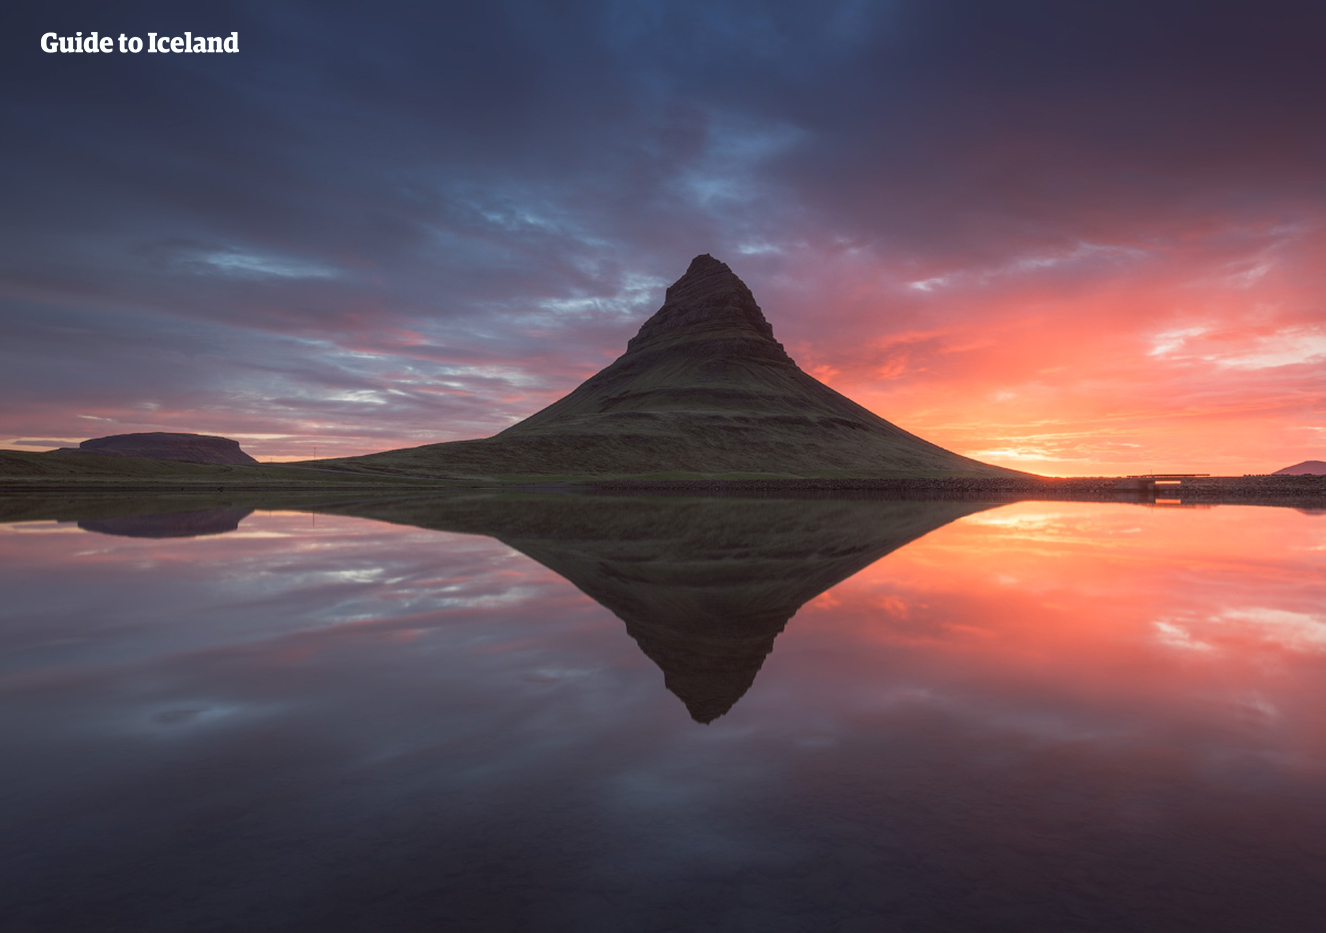 ภูเขาเคิร์คจูแฟสเป็นภูเขาที่มีคนไปถ่ายภาพมากที่สุด ให้ภาพอธิบายเองว่าทำไม